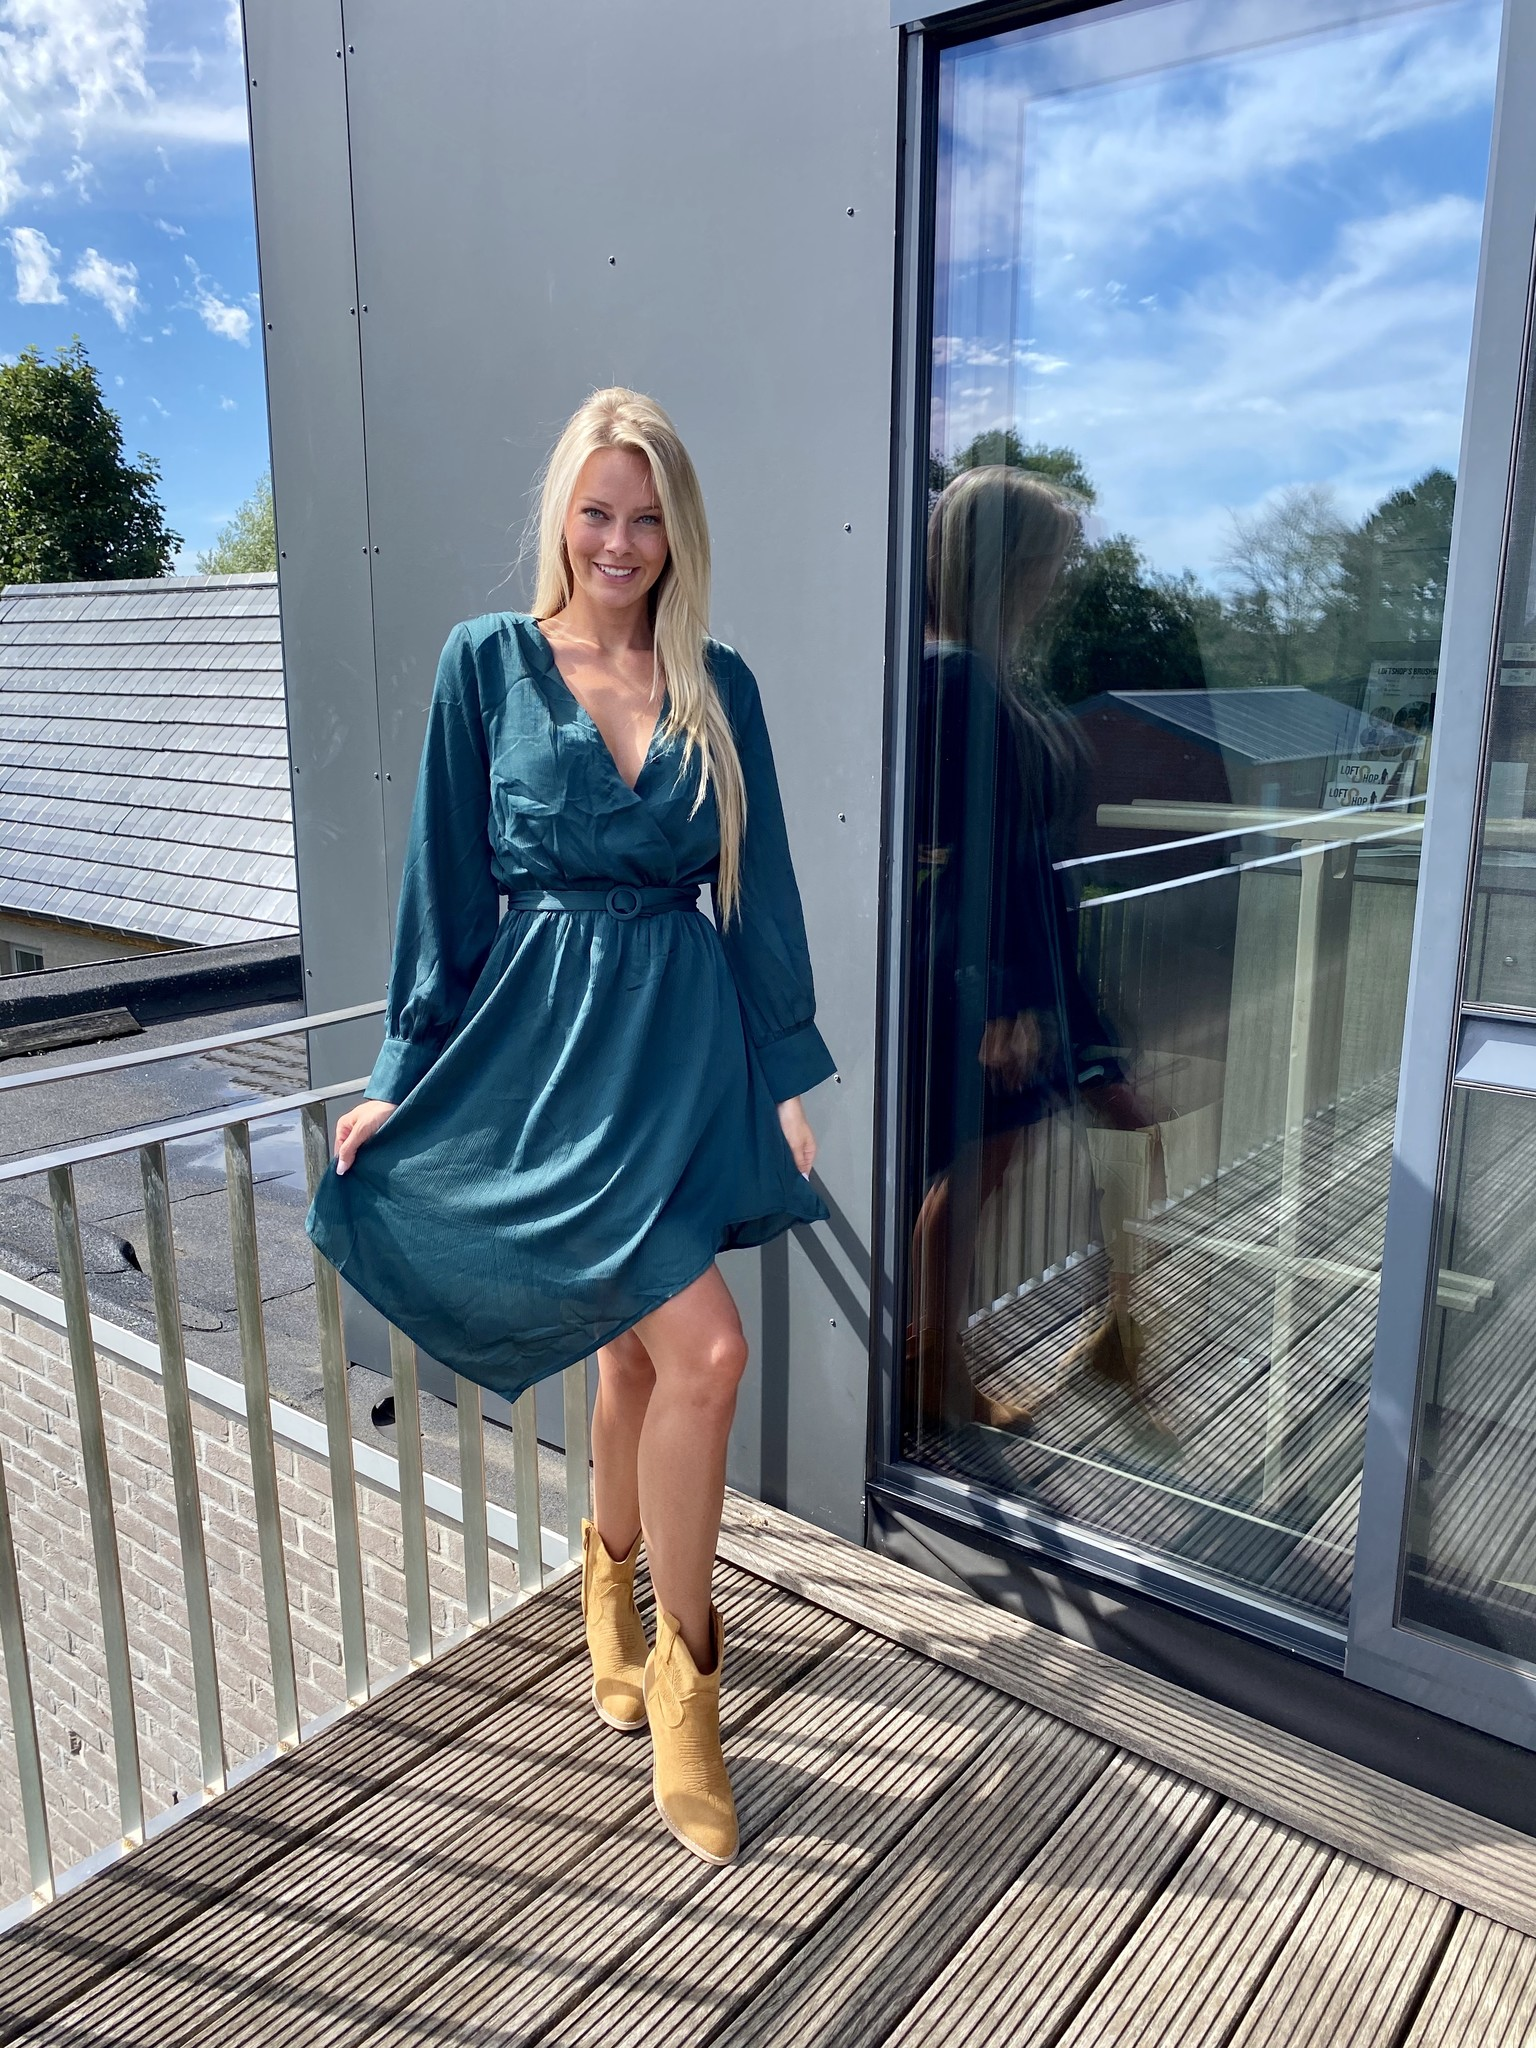 Dress Lizzy Gucci green.